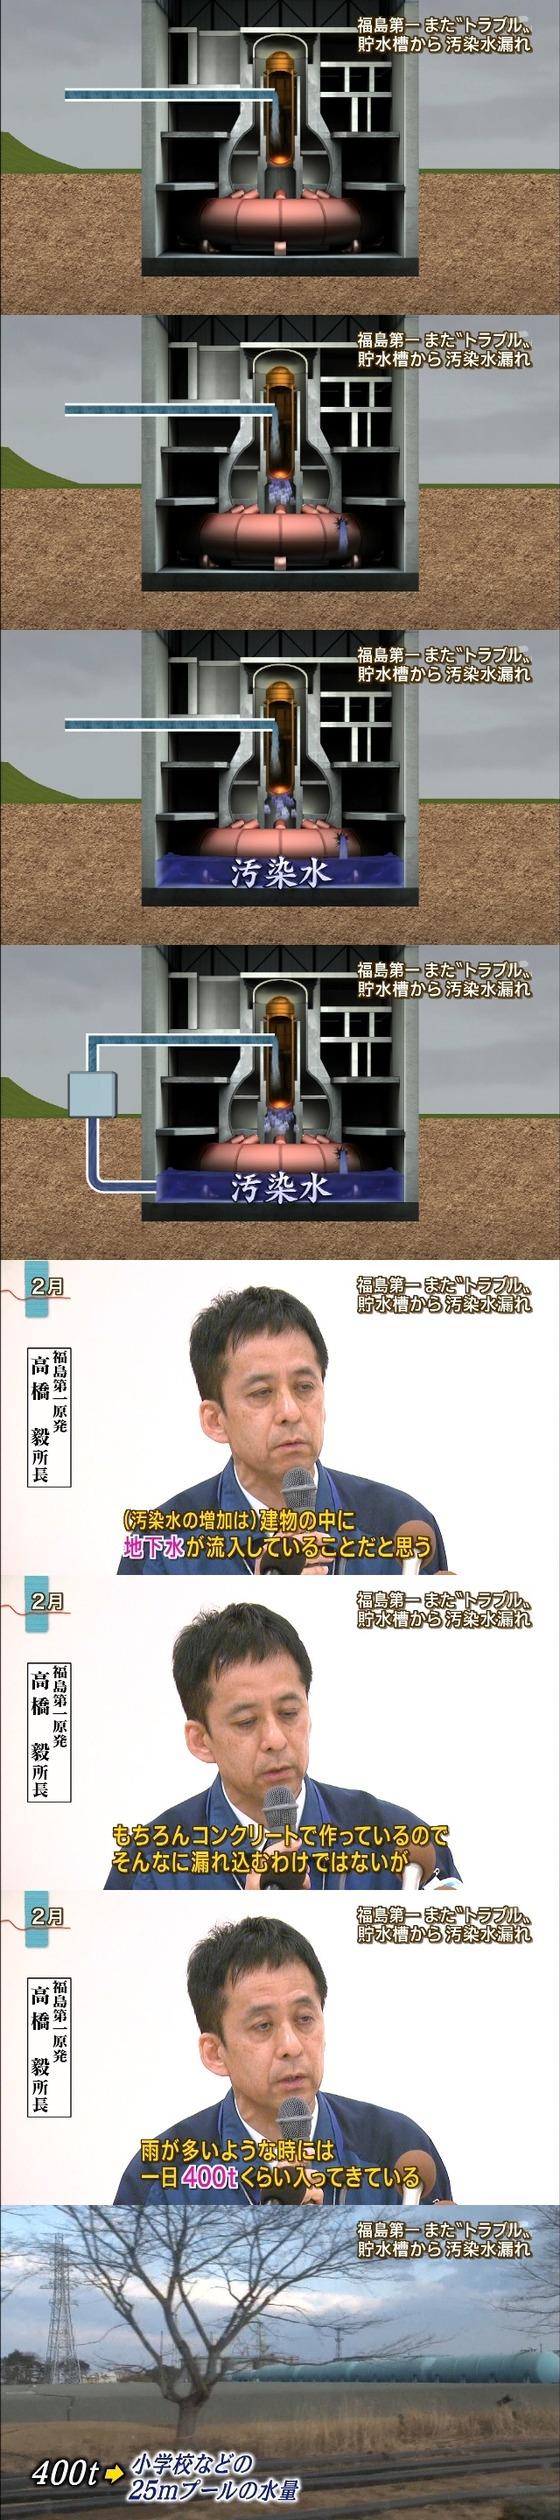 東電地下貯蔵槽漏れ4